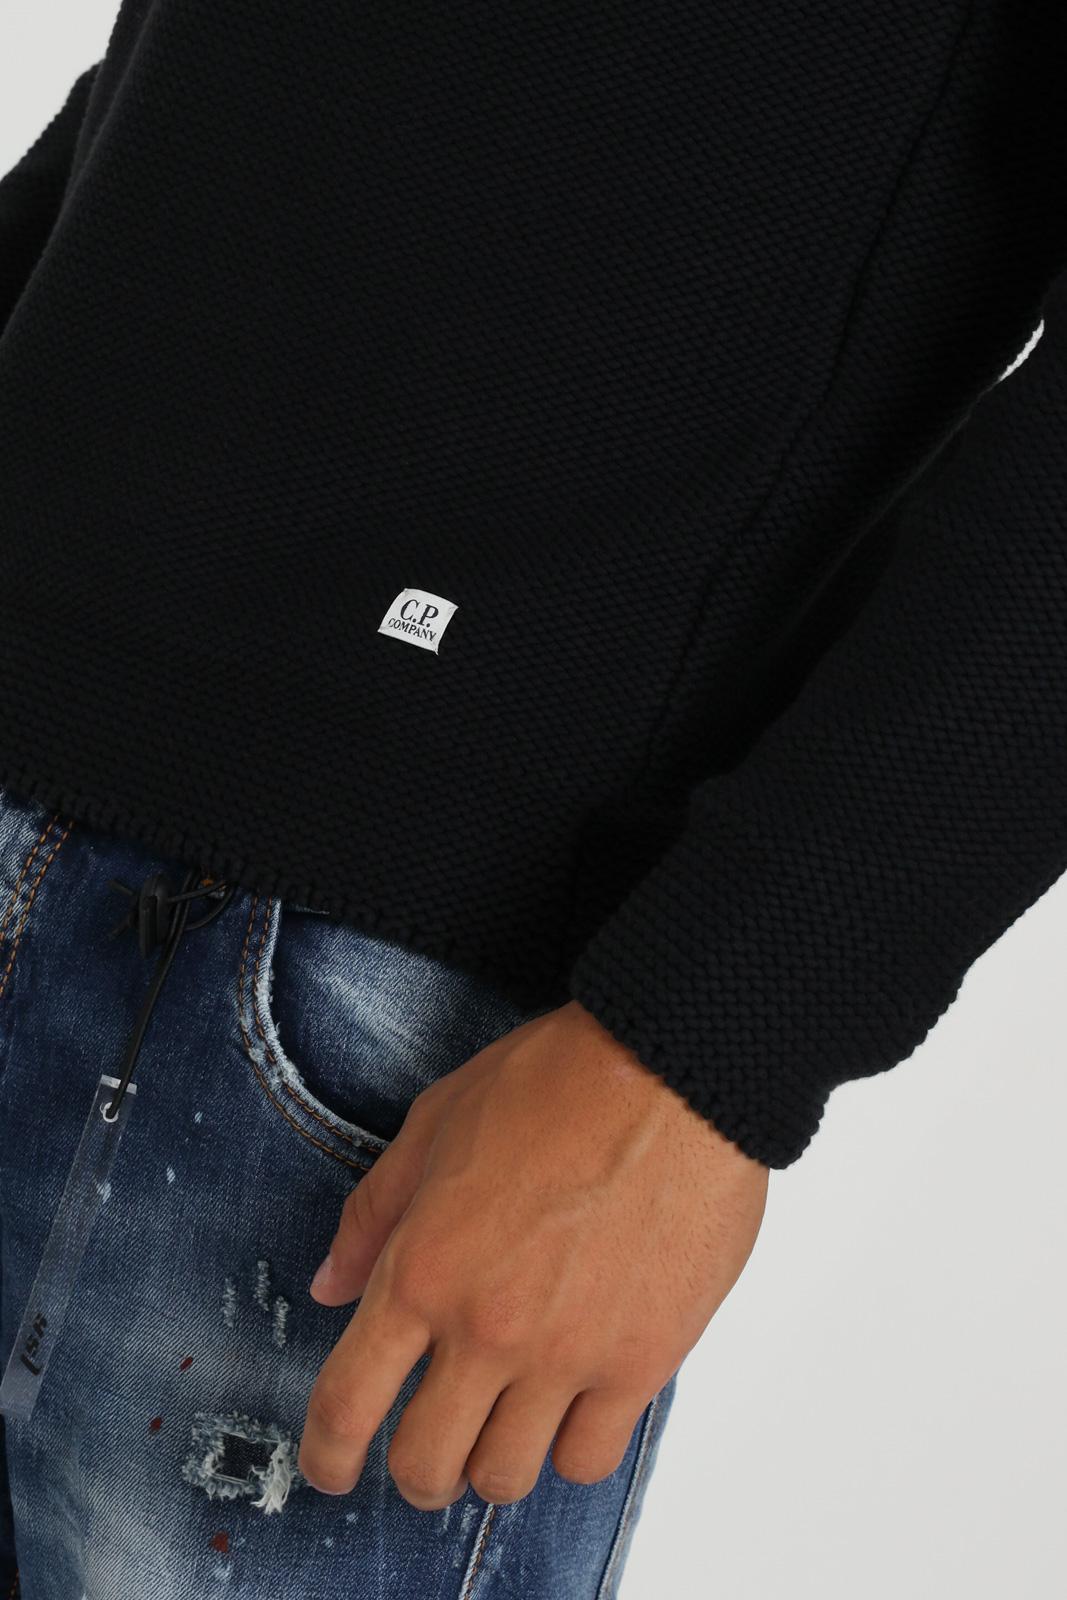 C.P. COMPANY | Knitwear | 09CMKN252A-005868A999